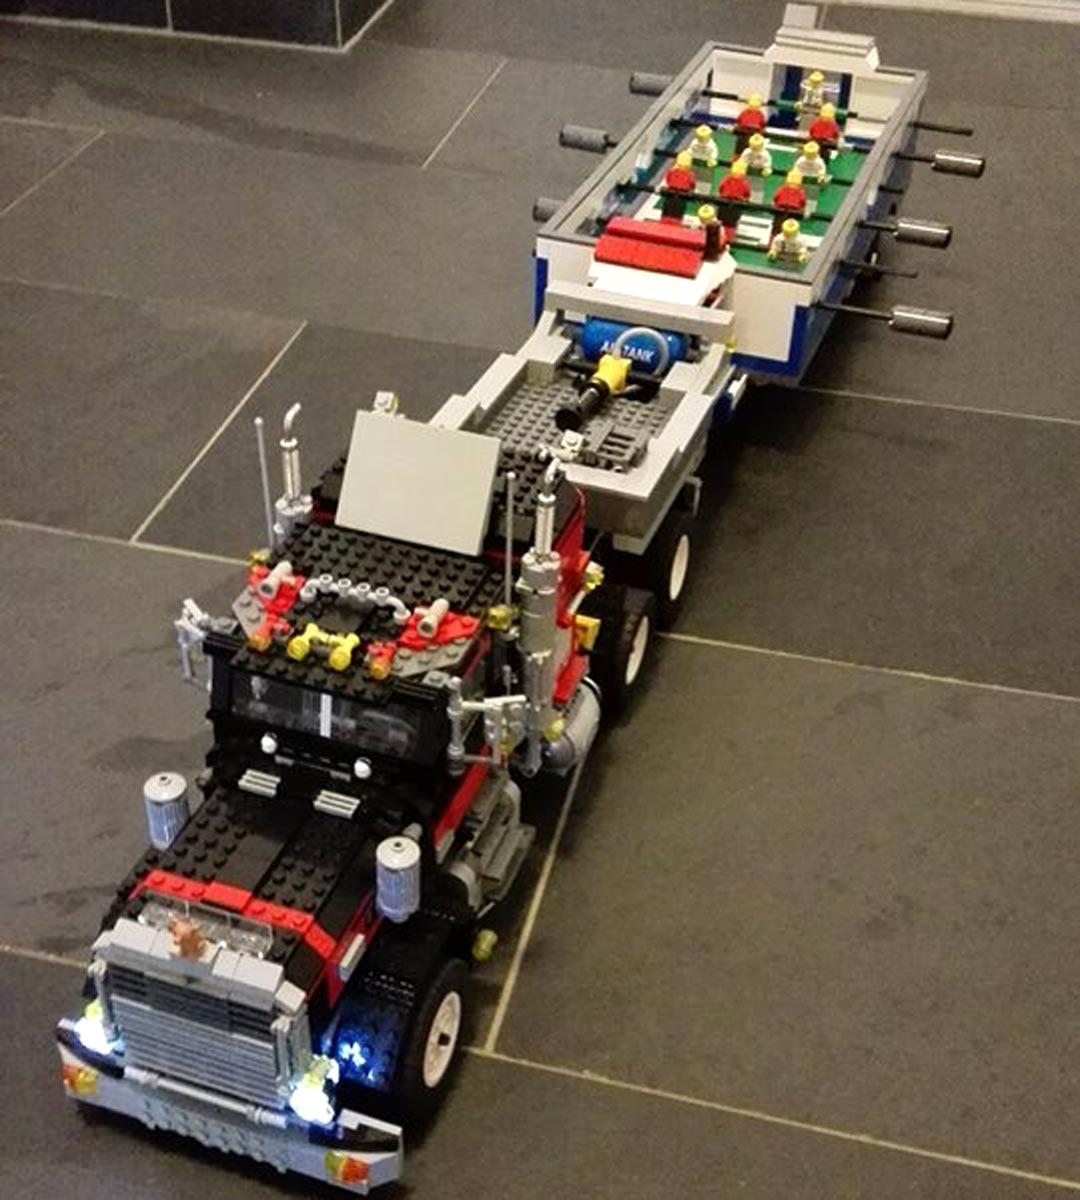 Die Reise kann starten: Fußballtisch auf Rädern! | © Brick-lebrit LEGO Creations